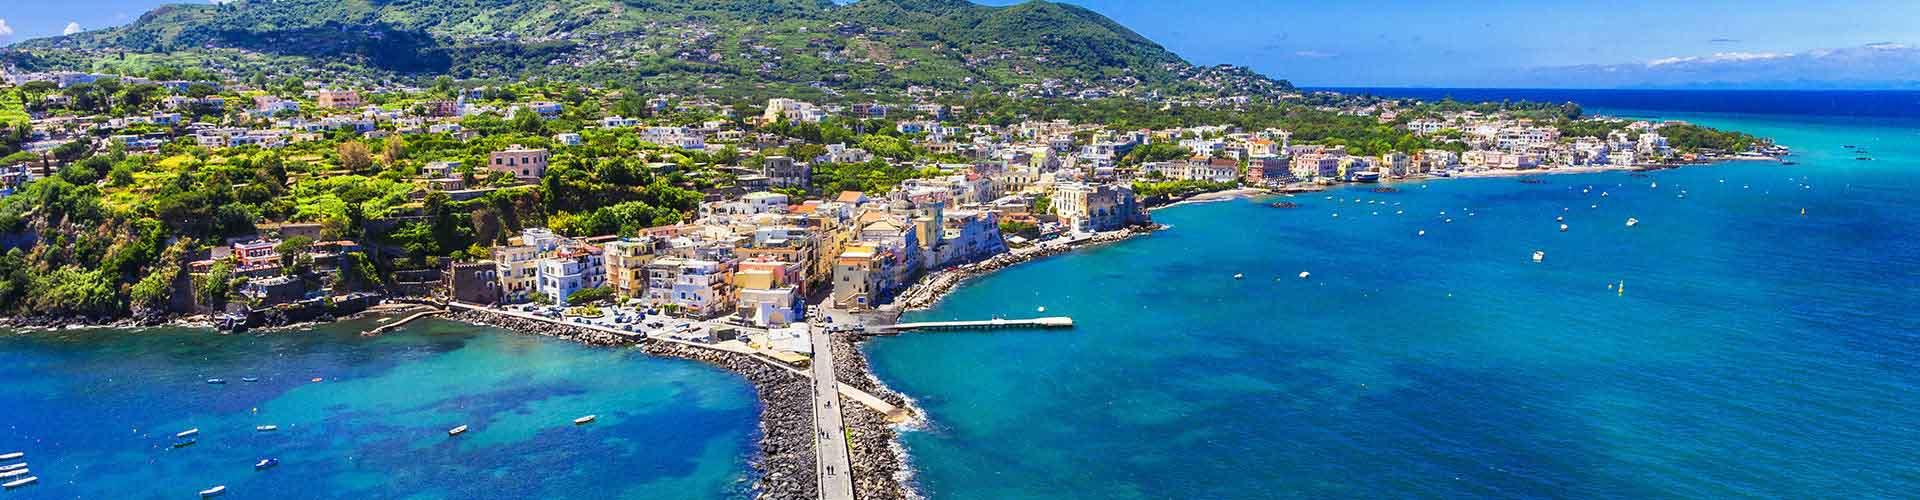 Ischia - Hoteles baratos en Ischia. Mapas de Ischia, Fotos y comentarios de cada Hotel en Ischia.